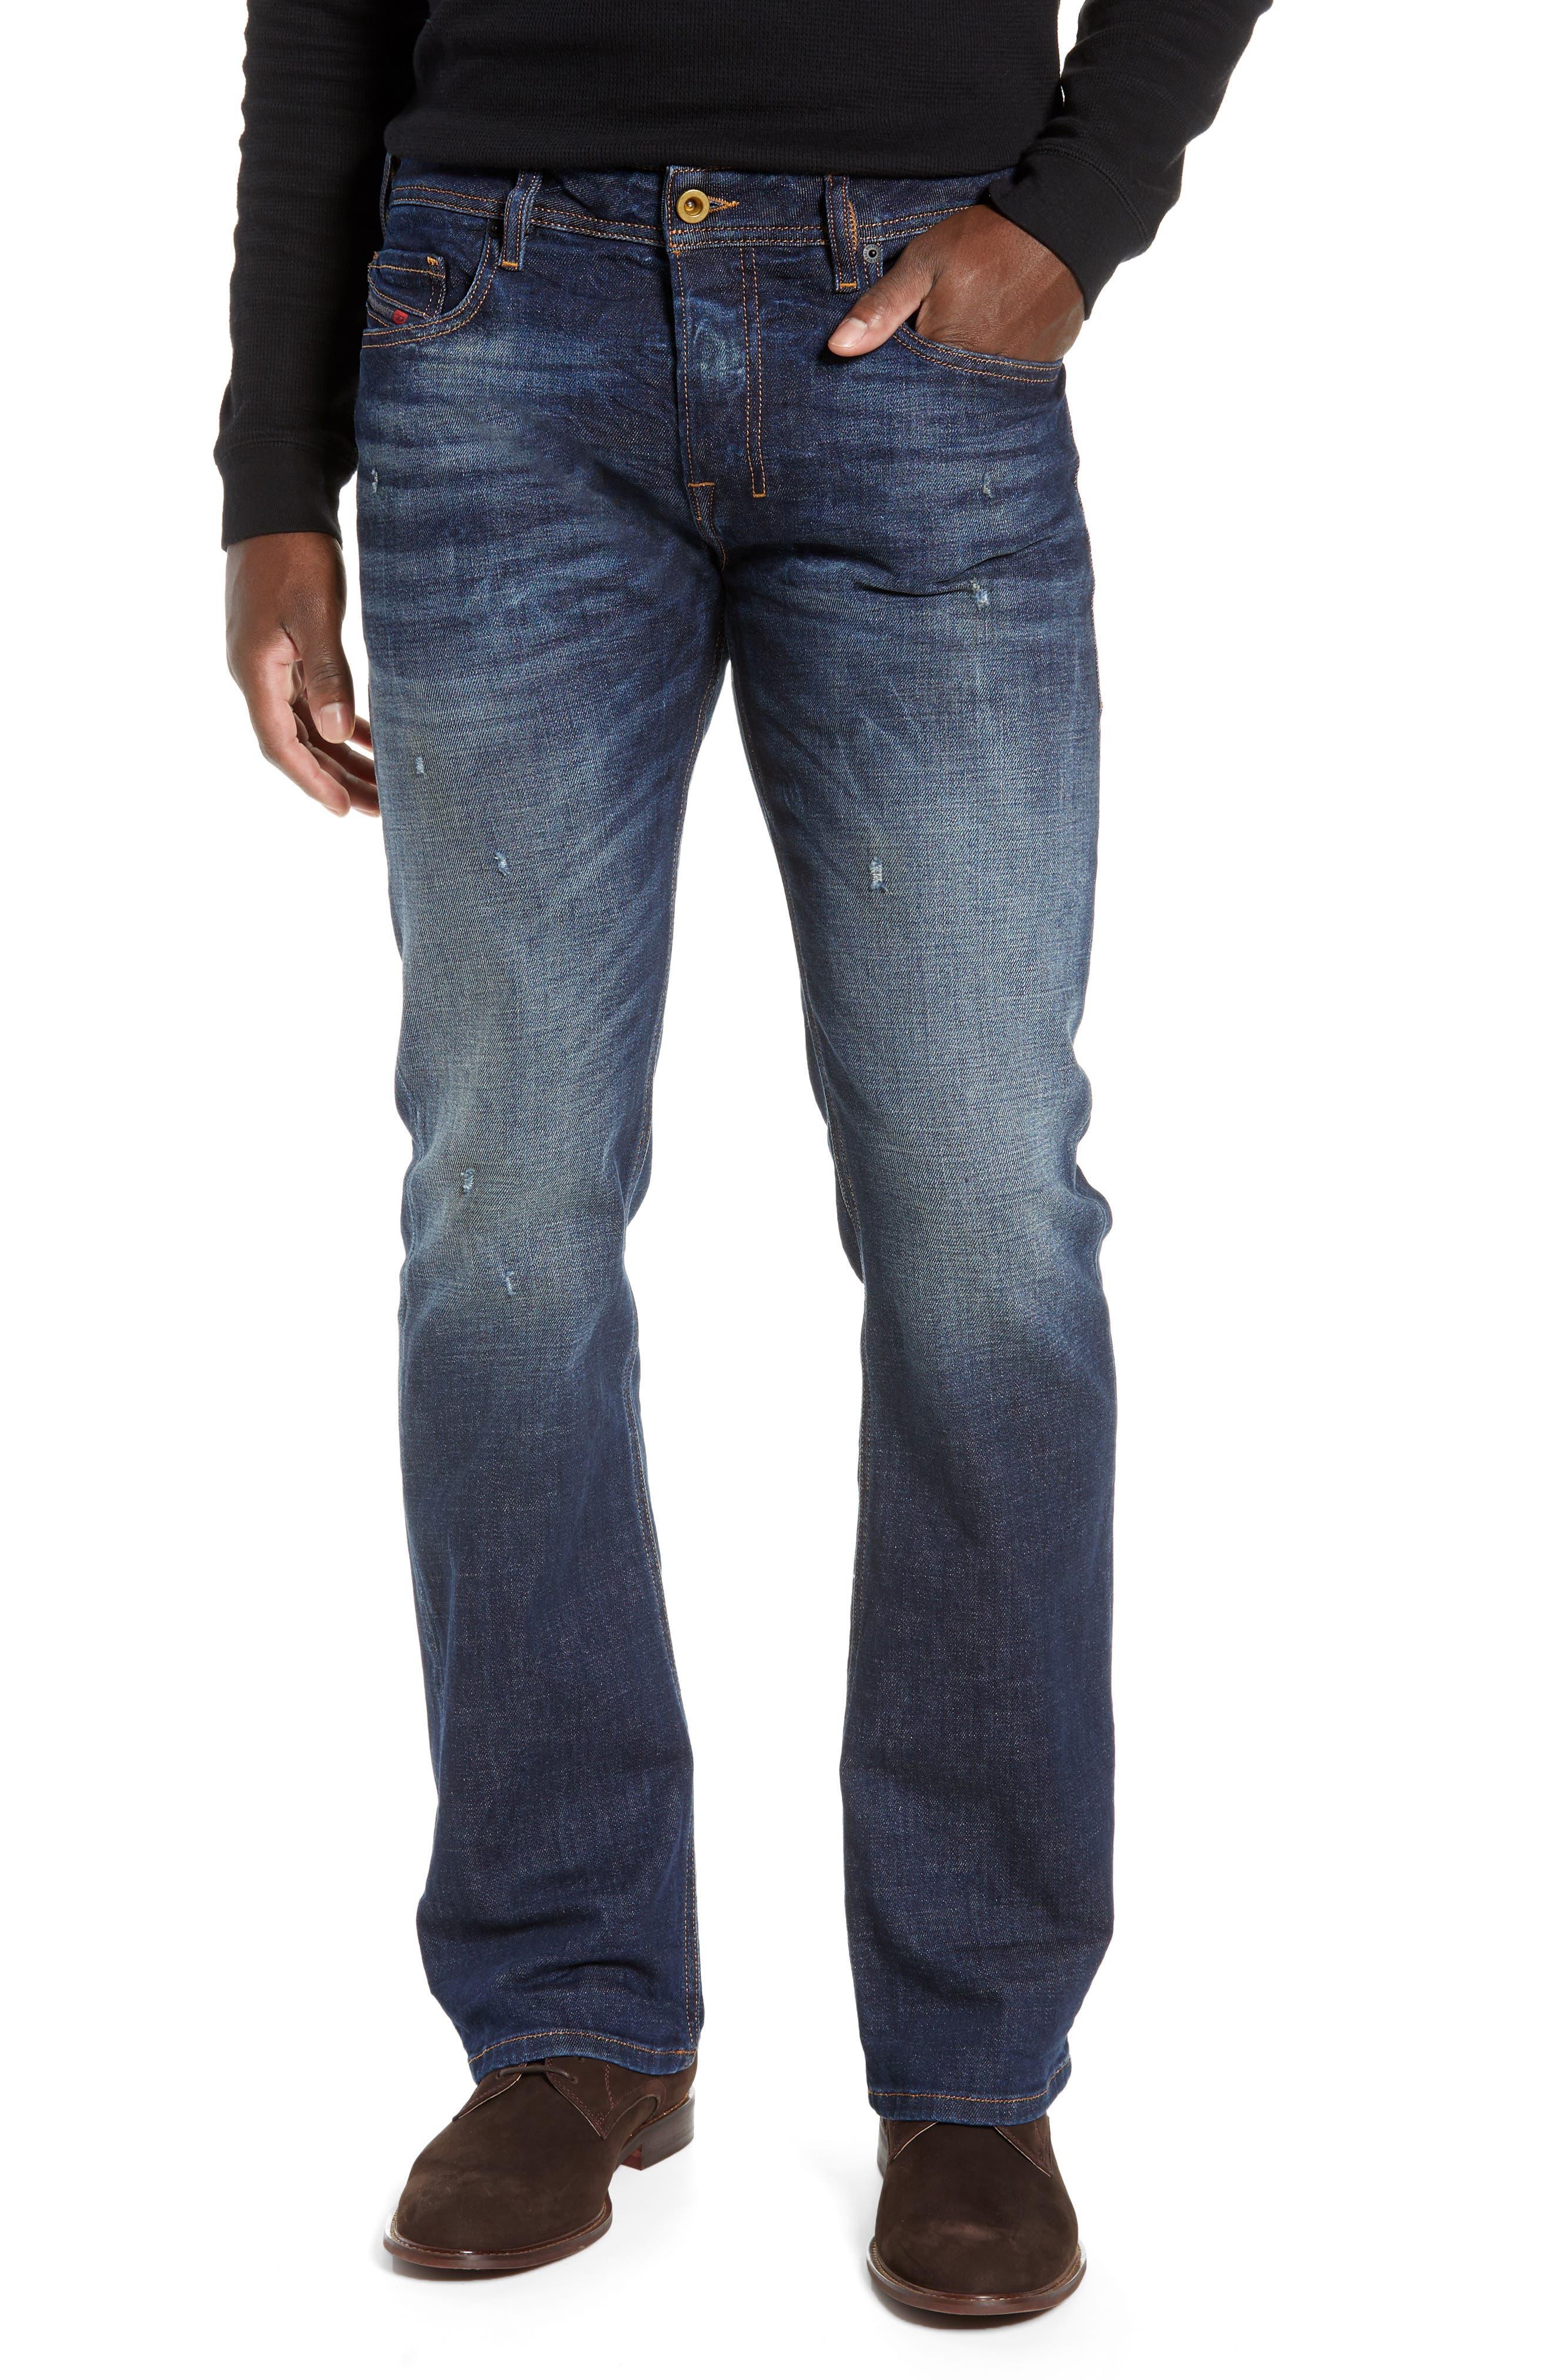 Zatiny Bootcut Jeans,                             Main thumbnail 1, color,                             087AT